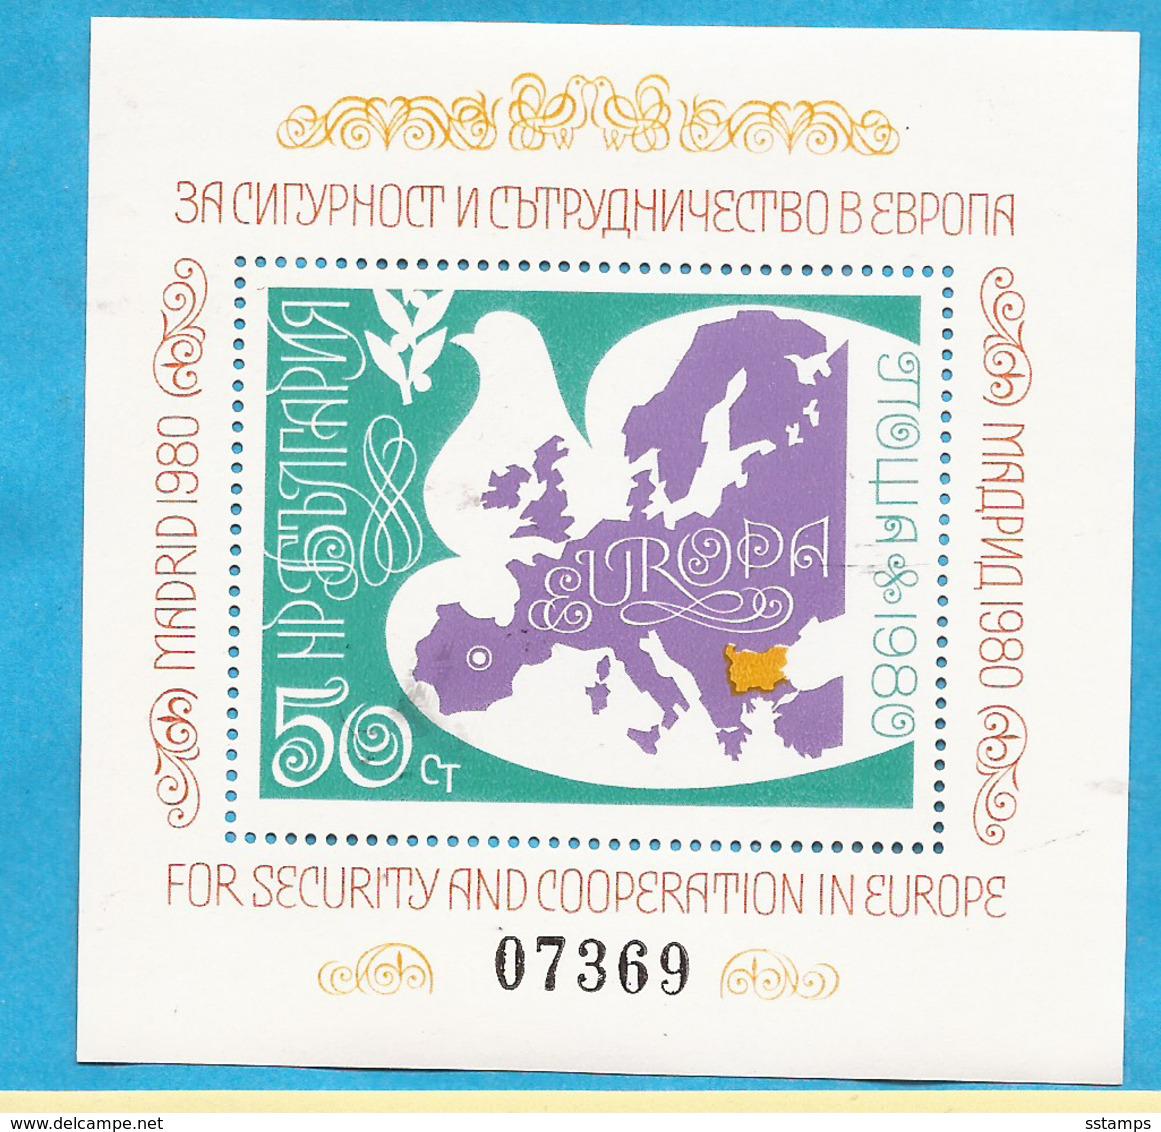 105---  AUSVERKAUF BULGARIA BULGARIEN EUROPA SICHERHEIT BRIEFMARKEN  FUER SAMMLUNG-GUTE QUALITAET MNH - Otros